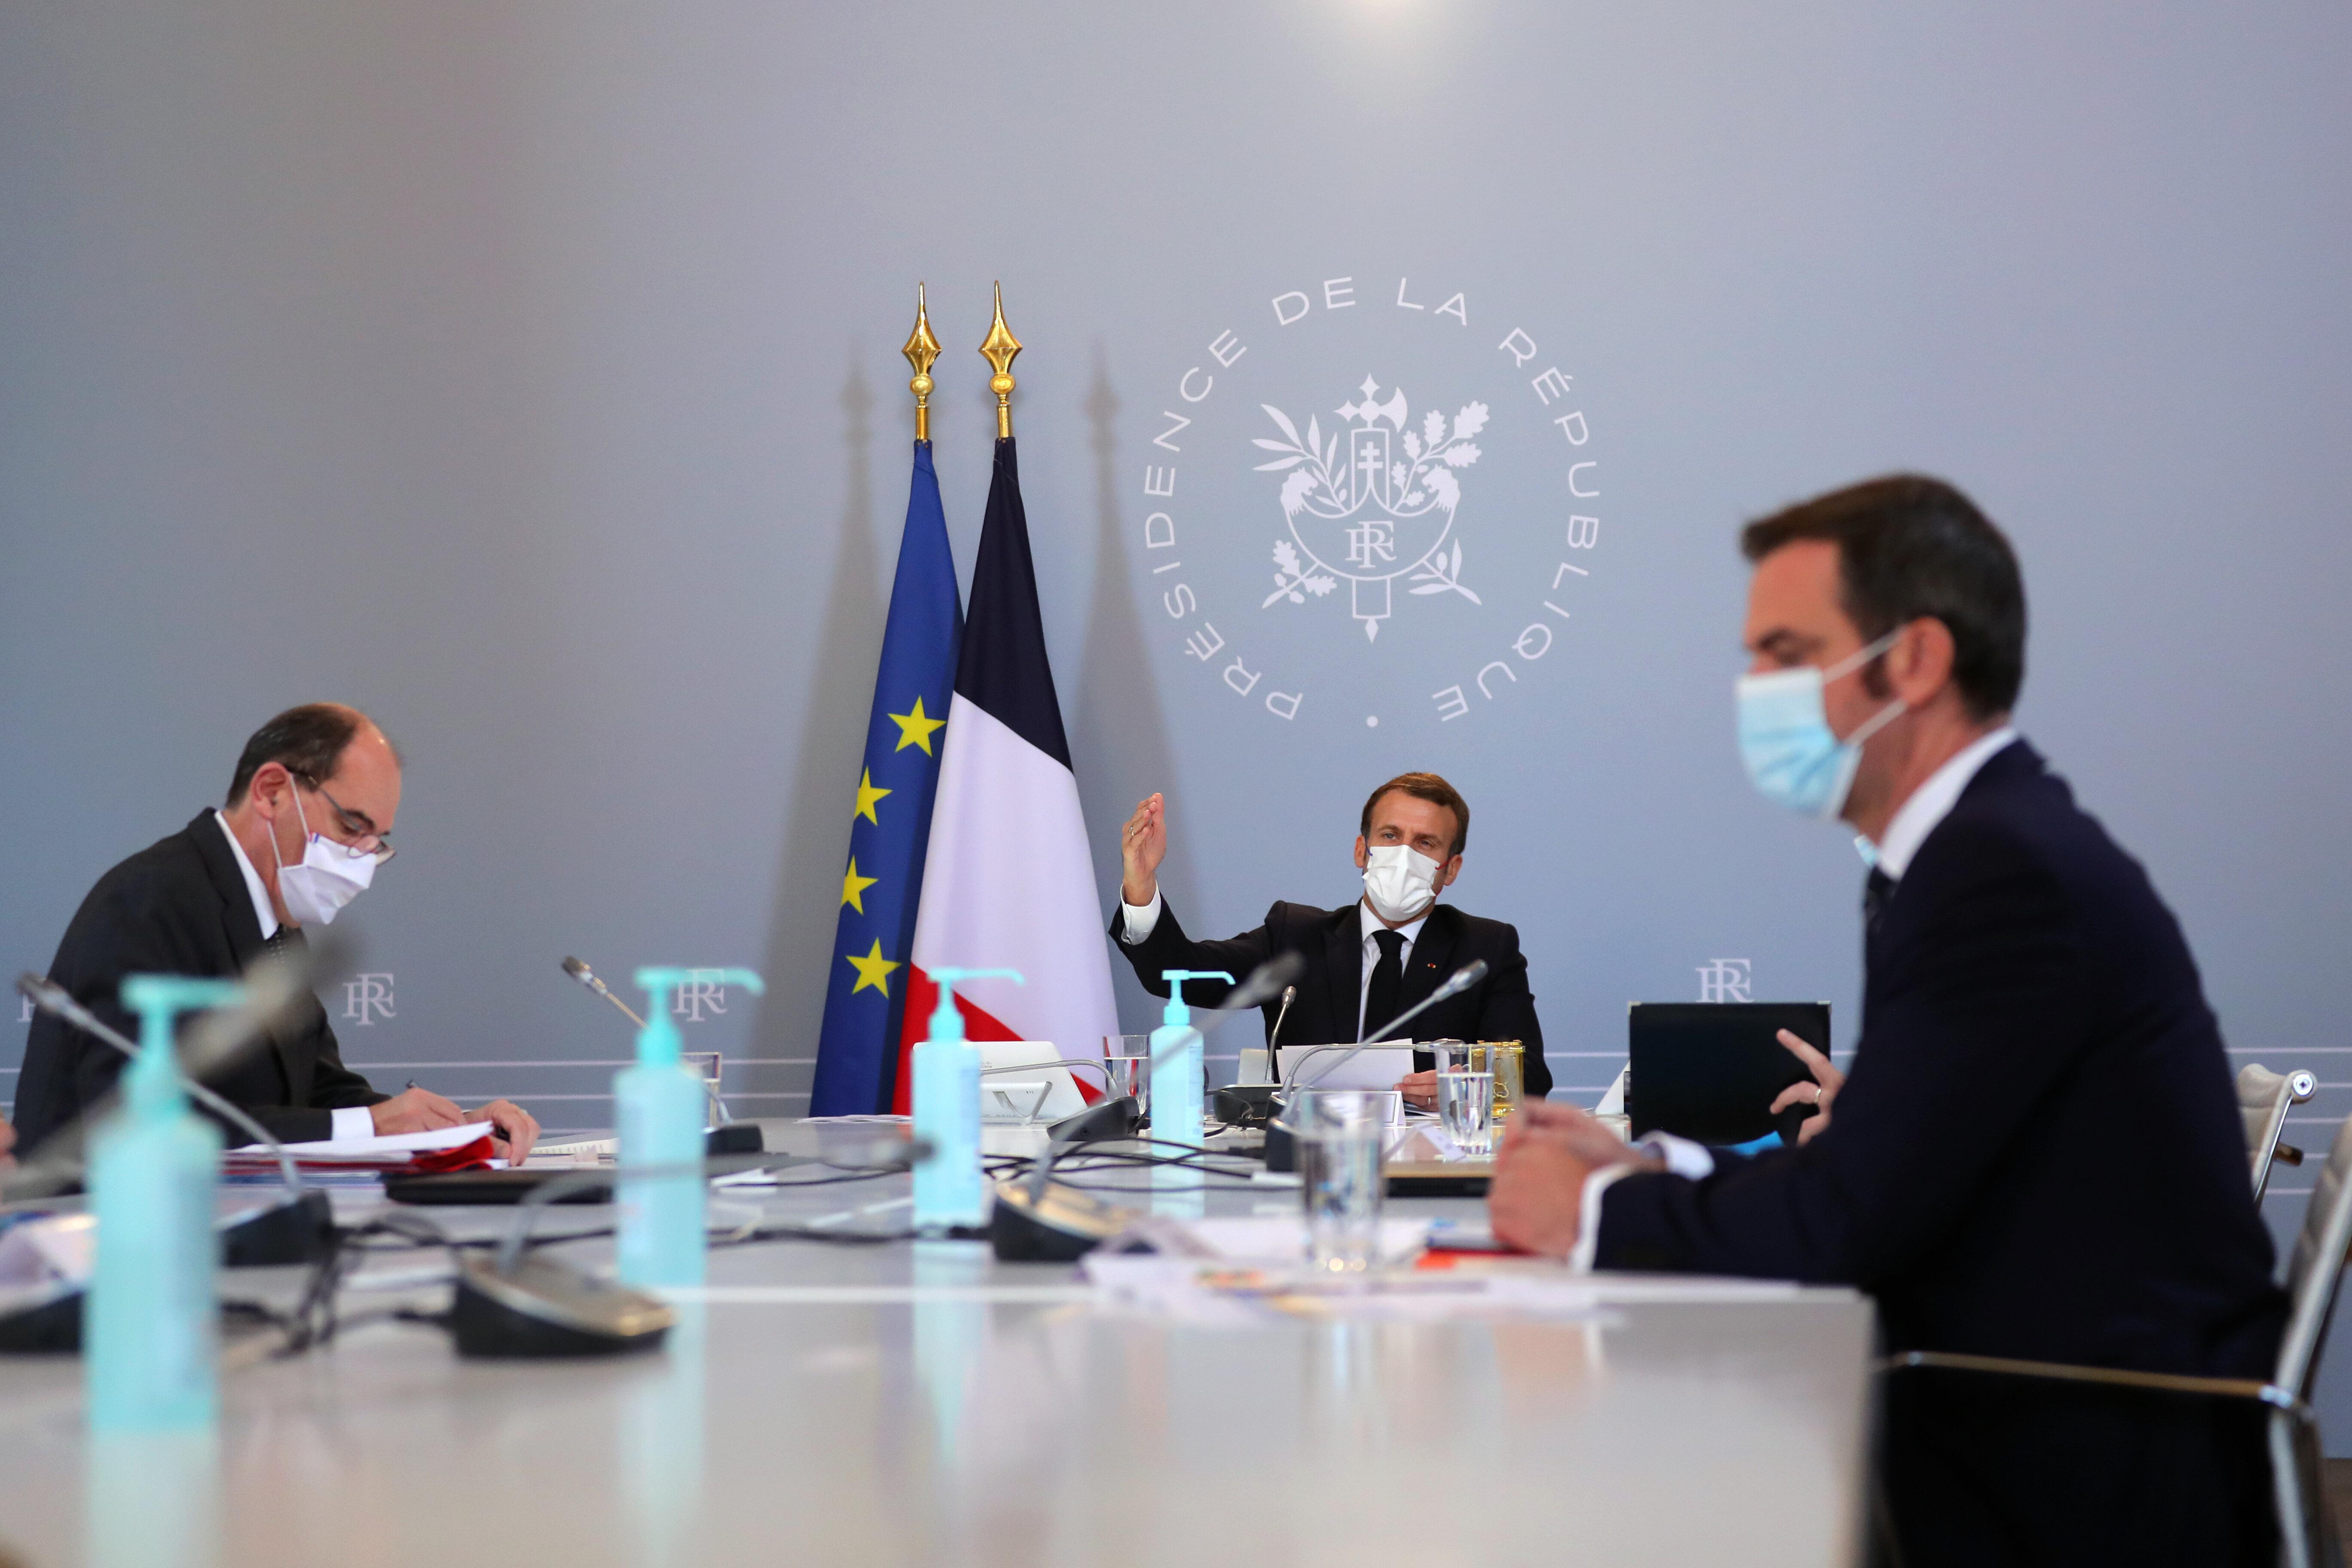 Image d'illustration - Le conseil de Défense du 12 novembre, présidé par Emmanuel Macron, avec le Premier...